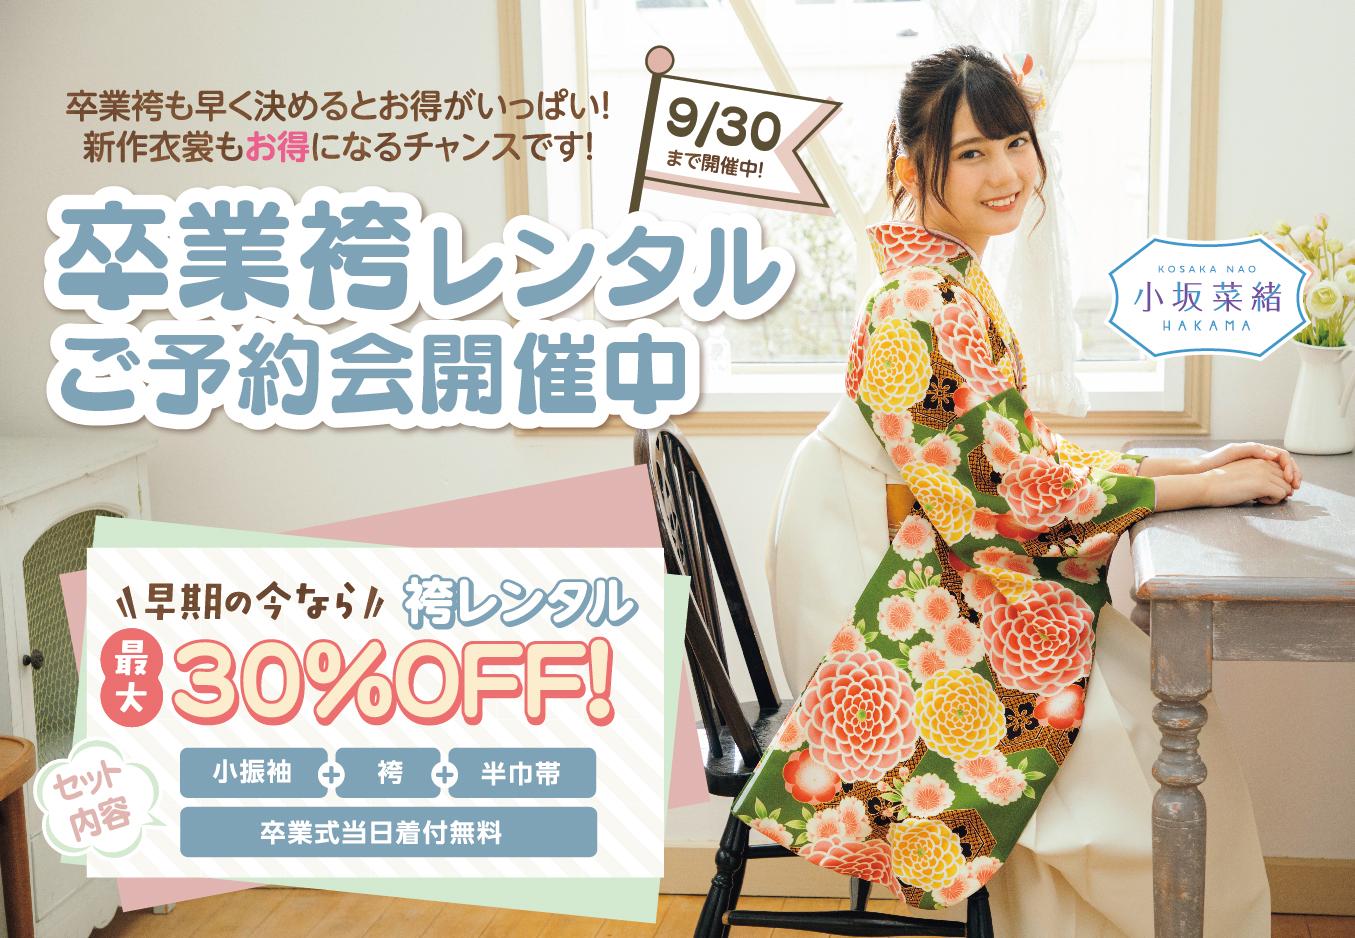 卒業袴 予約会開催!人気のブランド衣裳もいっぱい!憧れのモデルの袴も着られる💛